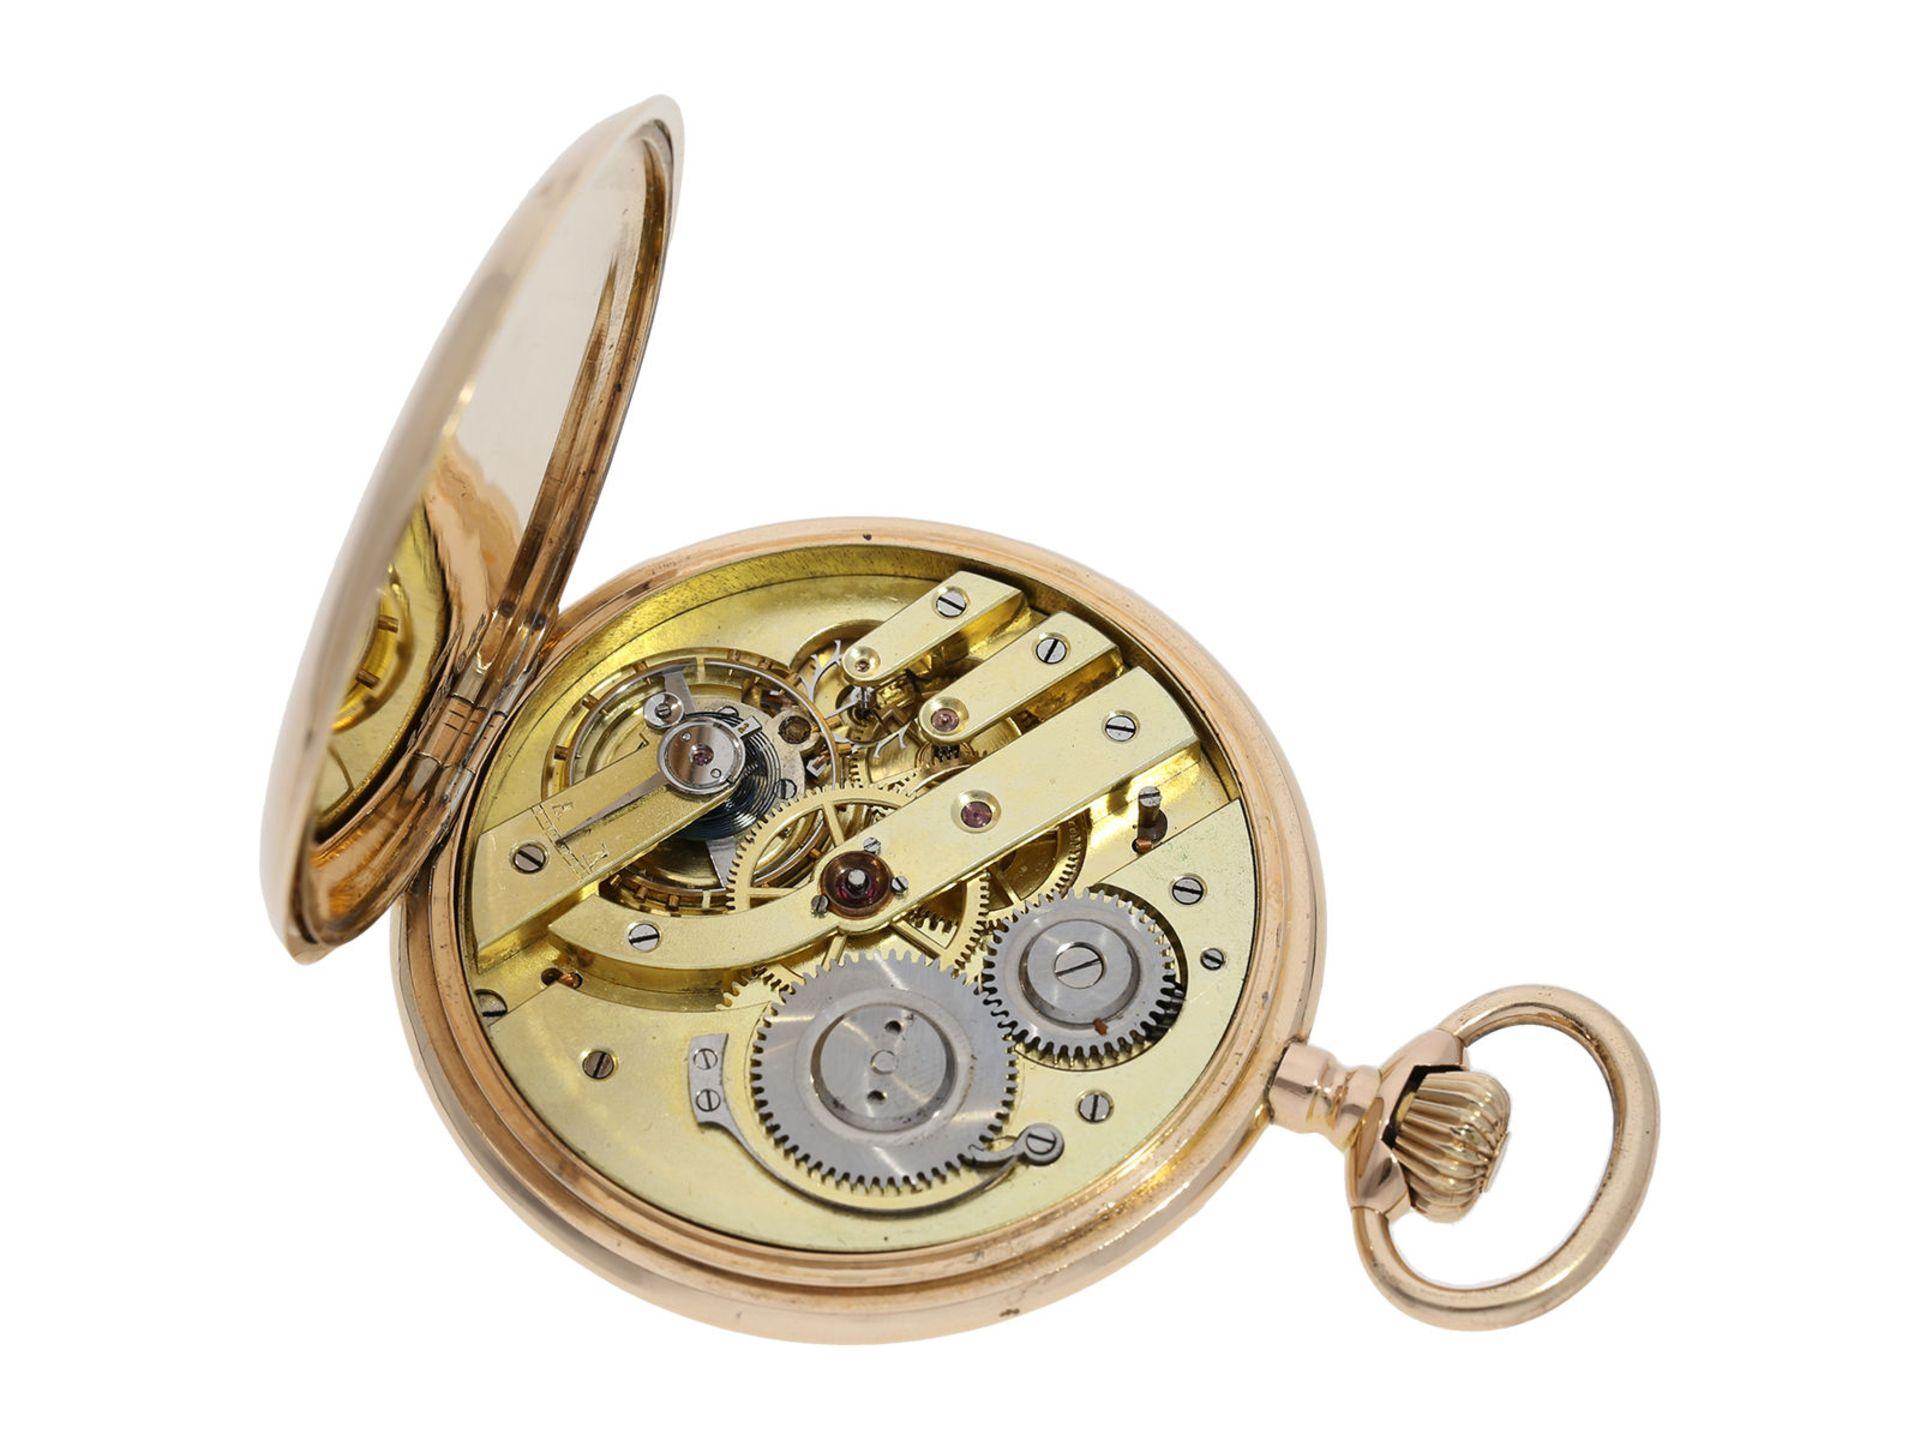 Pocket watch: heavy pink gold hunting case watch, Swiss Ankerchronometer, around 1900, No. - Bild 6 aus 8